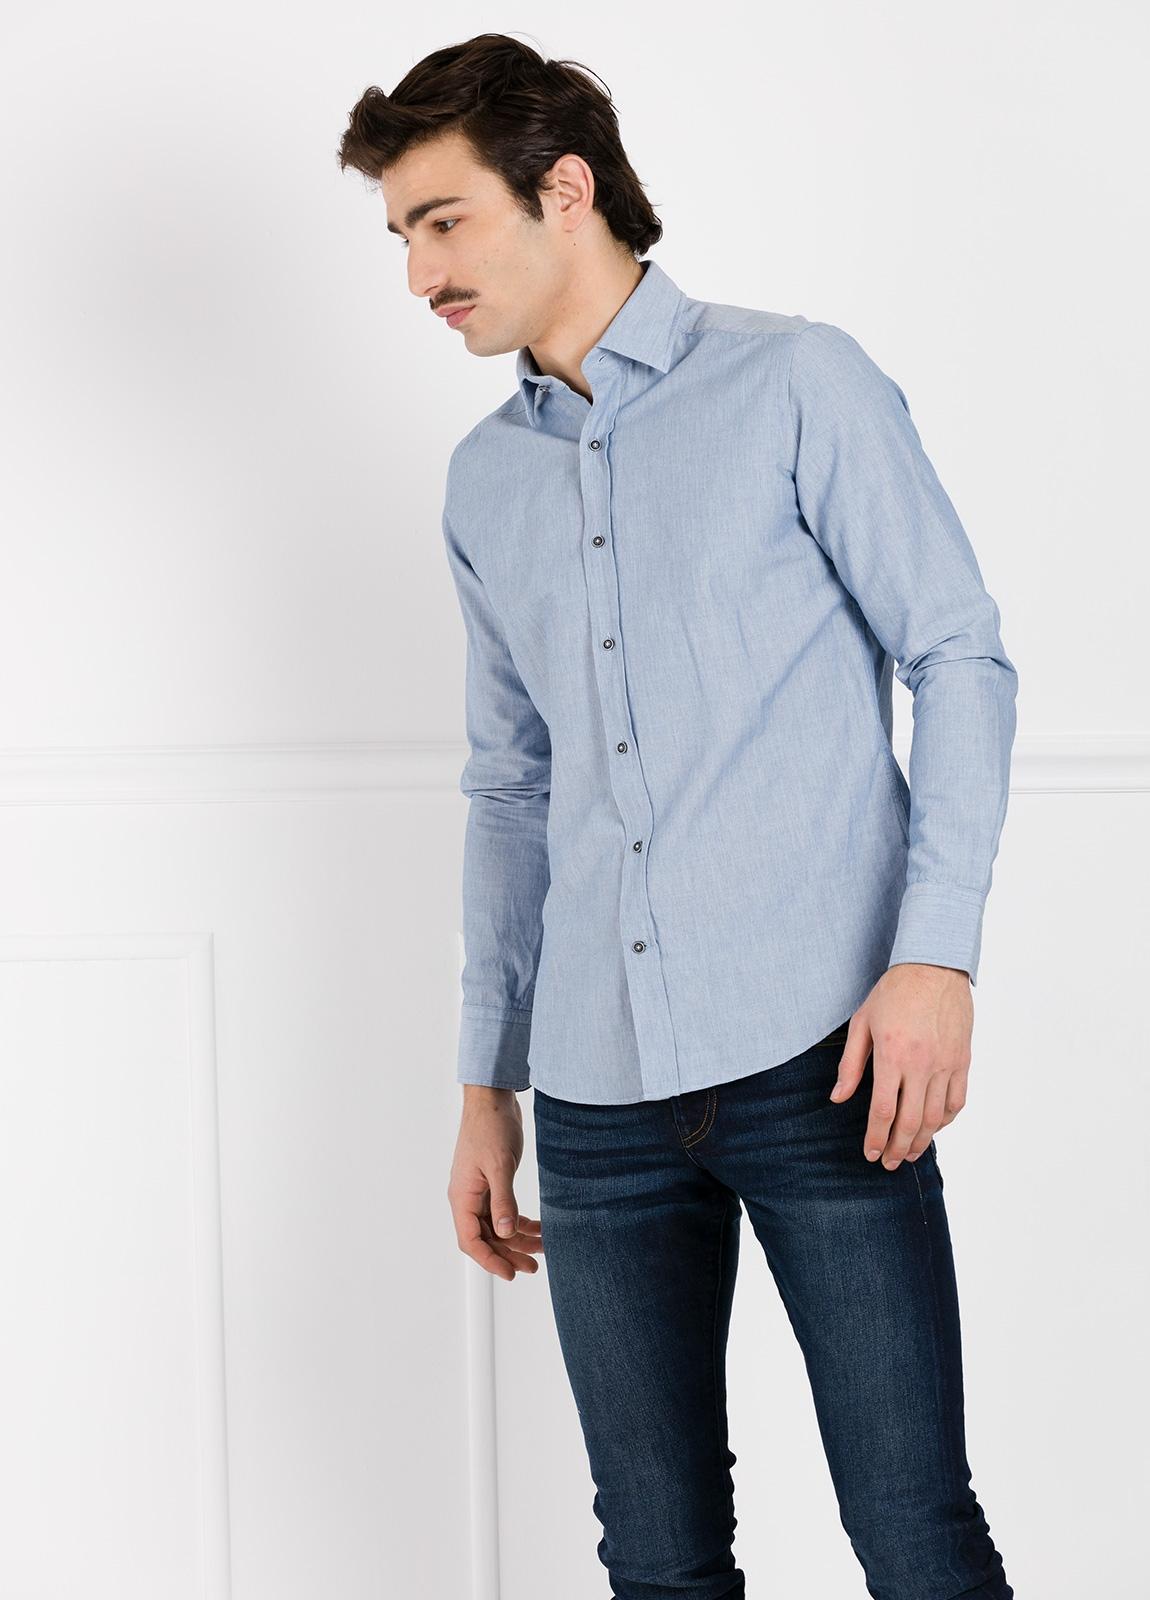 Camisa Leisure Wear SLIM FIT modelo PORTO diseño liso color azul. 100% Algodón.